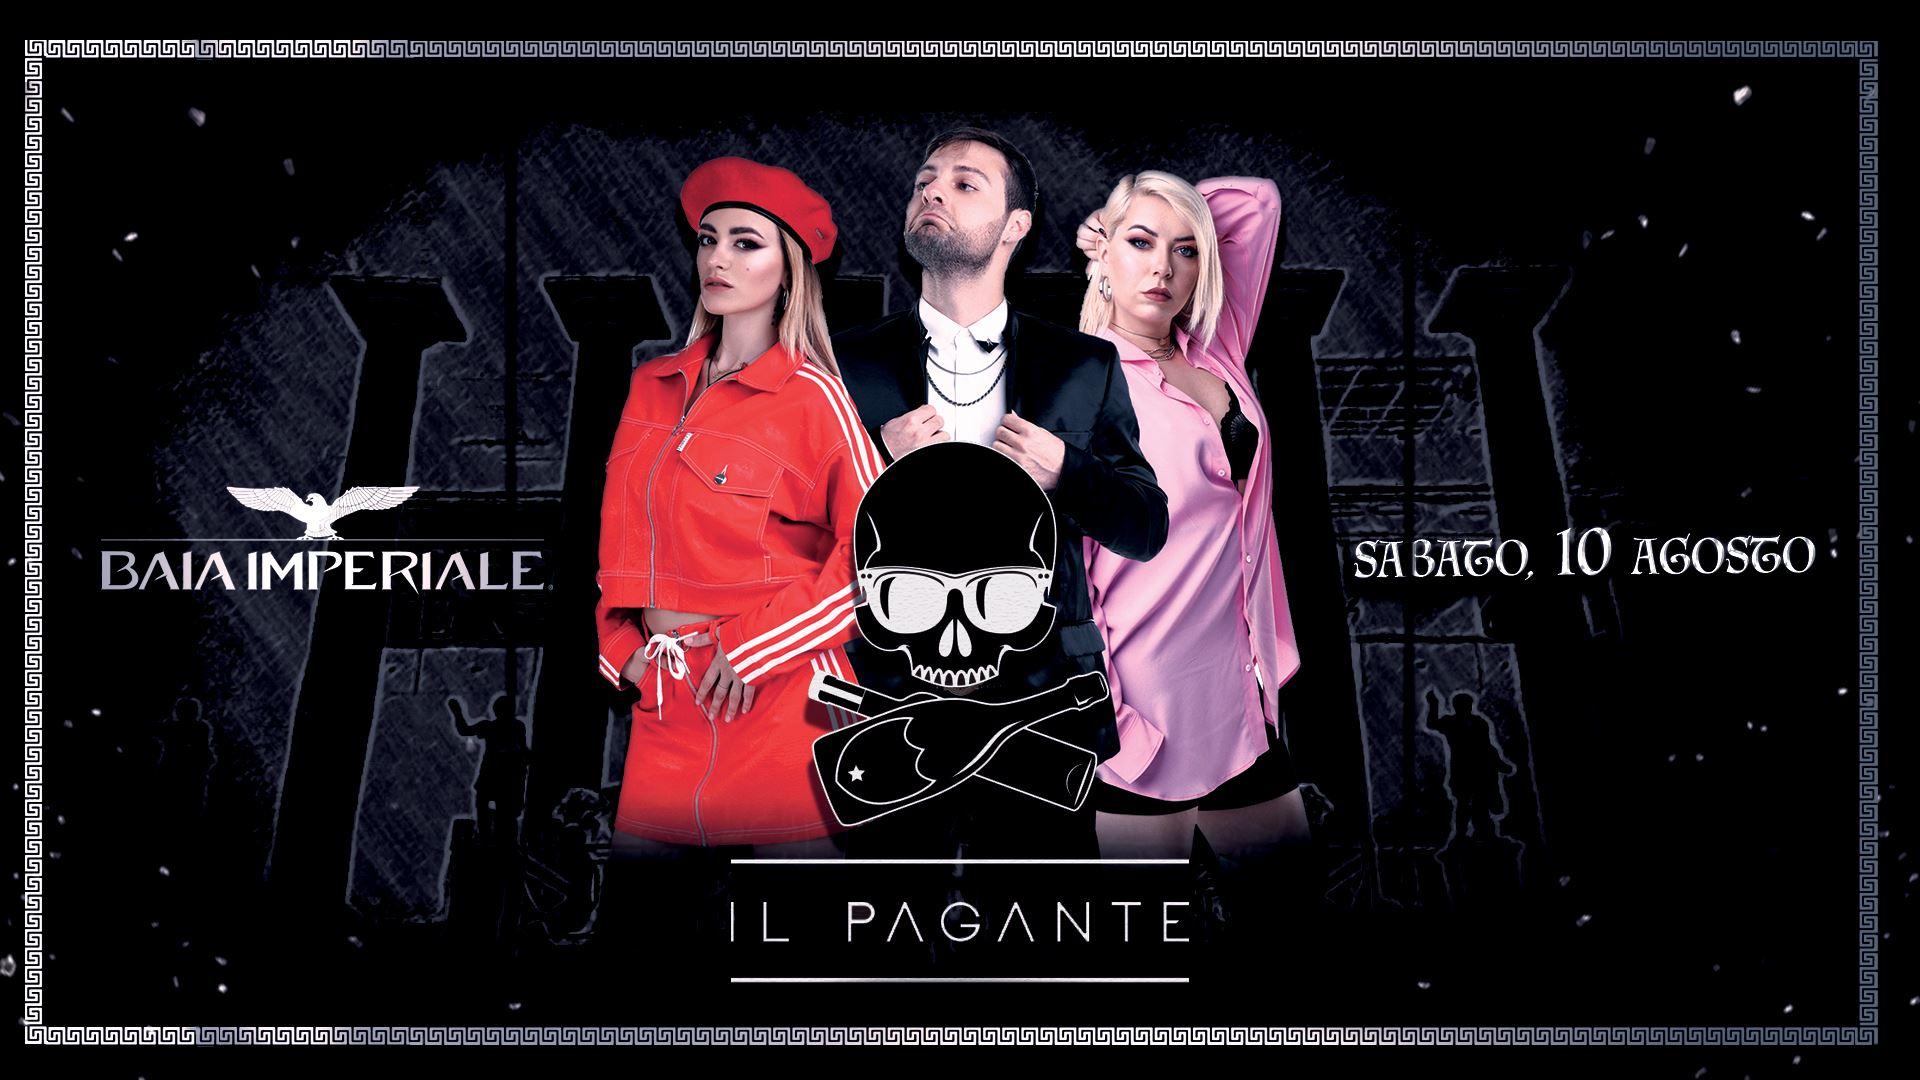 Baia Imperiale – Sabato 10 Agosto – Icon – Il Pagante – Ticket-Biglietti 18app – Tavoli – Pacchetti Hotel